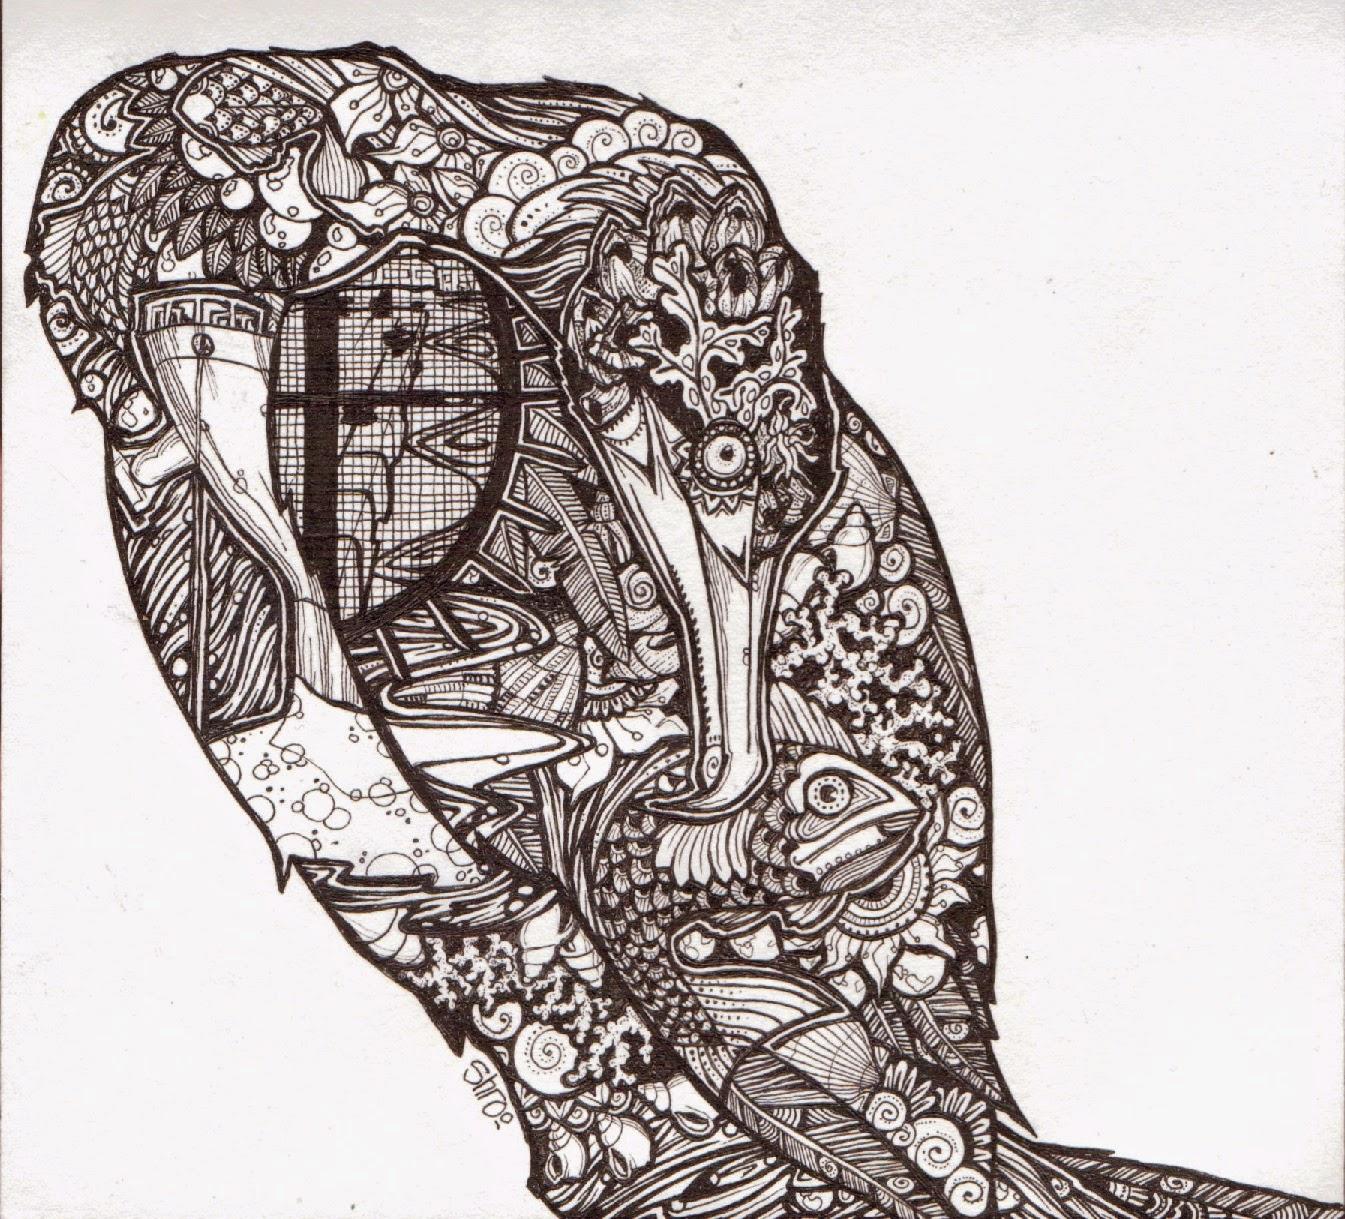 http://artyshroo.blogspot.co.uk/p/pen-ink.html